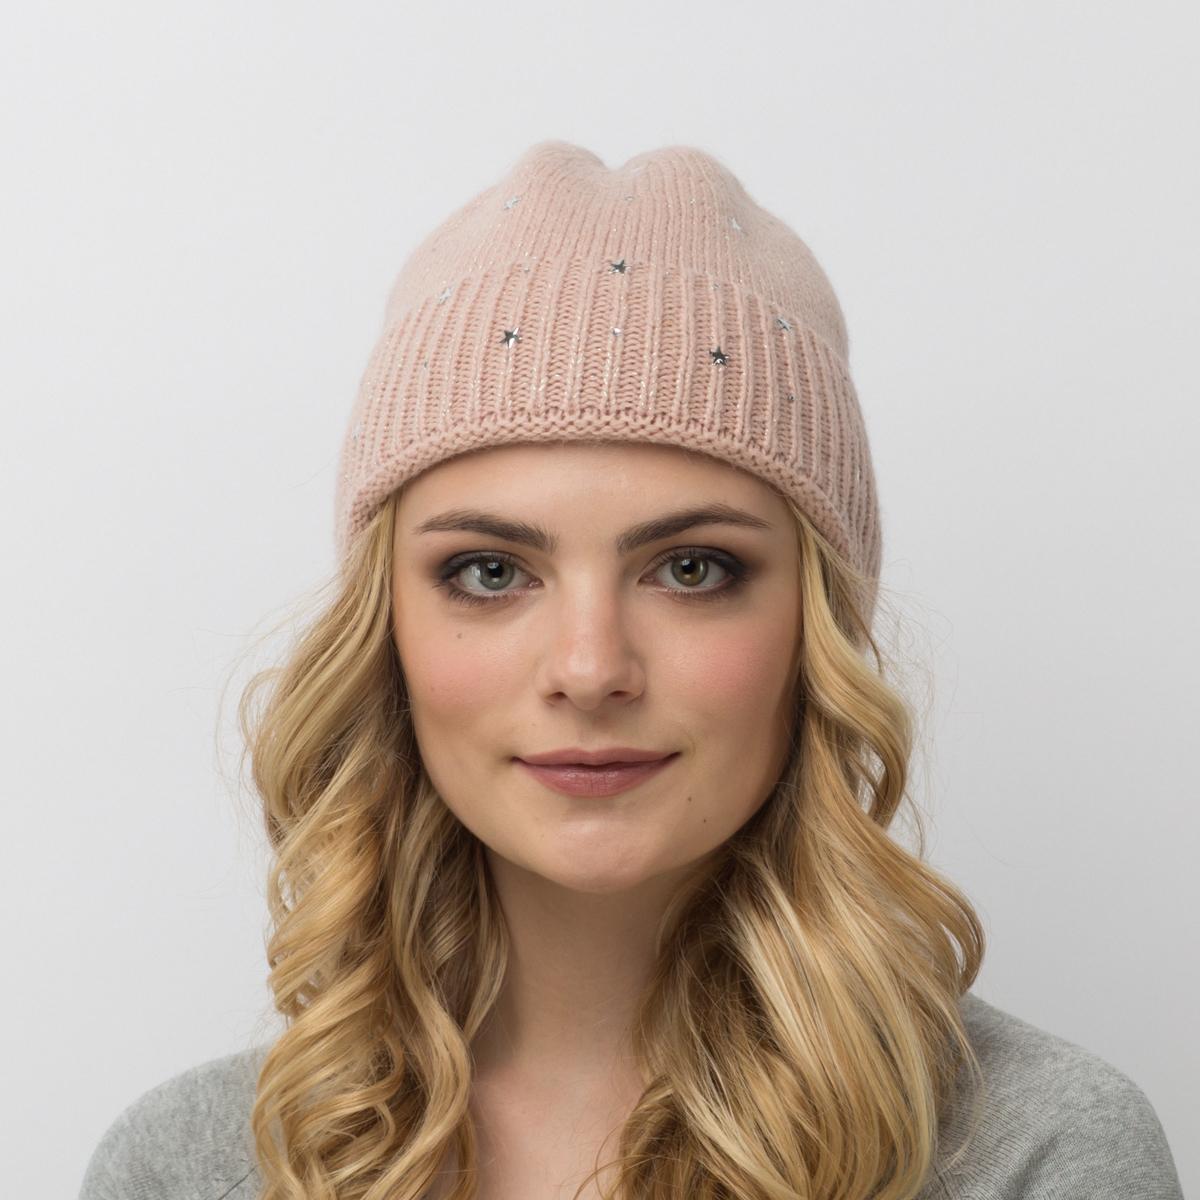 Шапка женская Flioraj, цвет: светло-коричневый. 714-ЗВ-М FJ. Размер 54/58714-ЗВ-М FJУдлиненная шерстяная шапка-колпачок от Flioraj - новинка женской коллекции. Такое нововведение отвечает последнему веянию - сделать женскую коллекцию более универсальной. Такую шапочку можно носить с любым видом верхней одежды, достаточно только определиться с цветом.